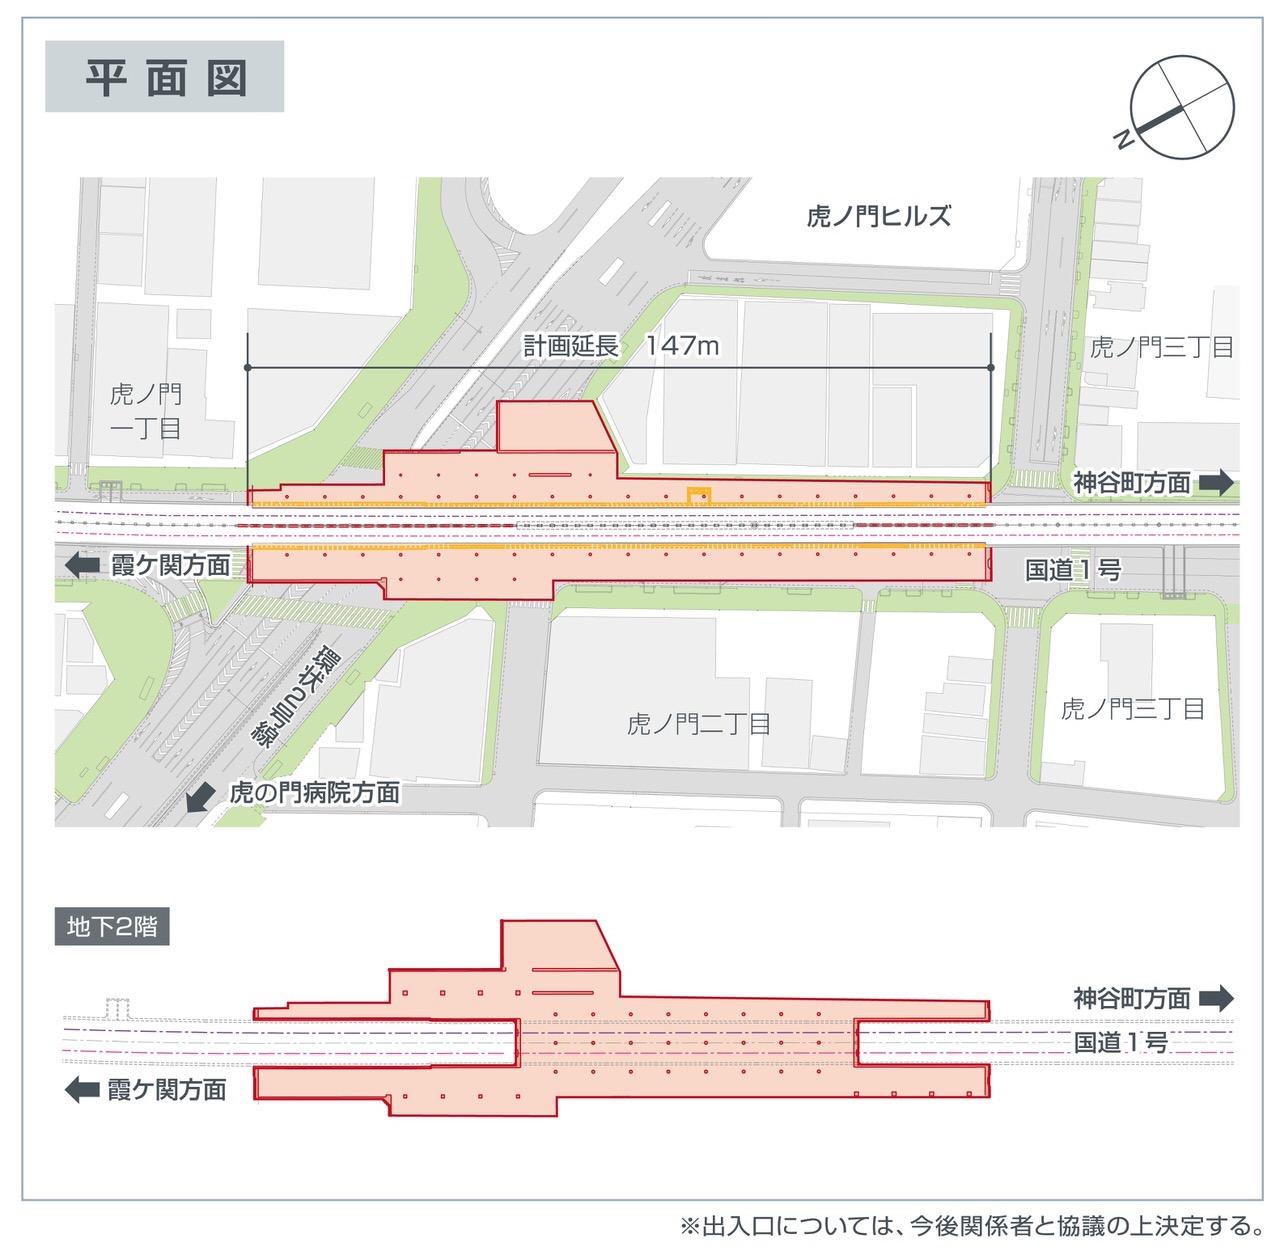 日比谷線新駅の名称に「虎ノ門ヒルズ駅」